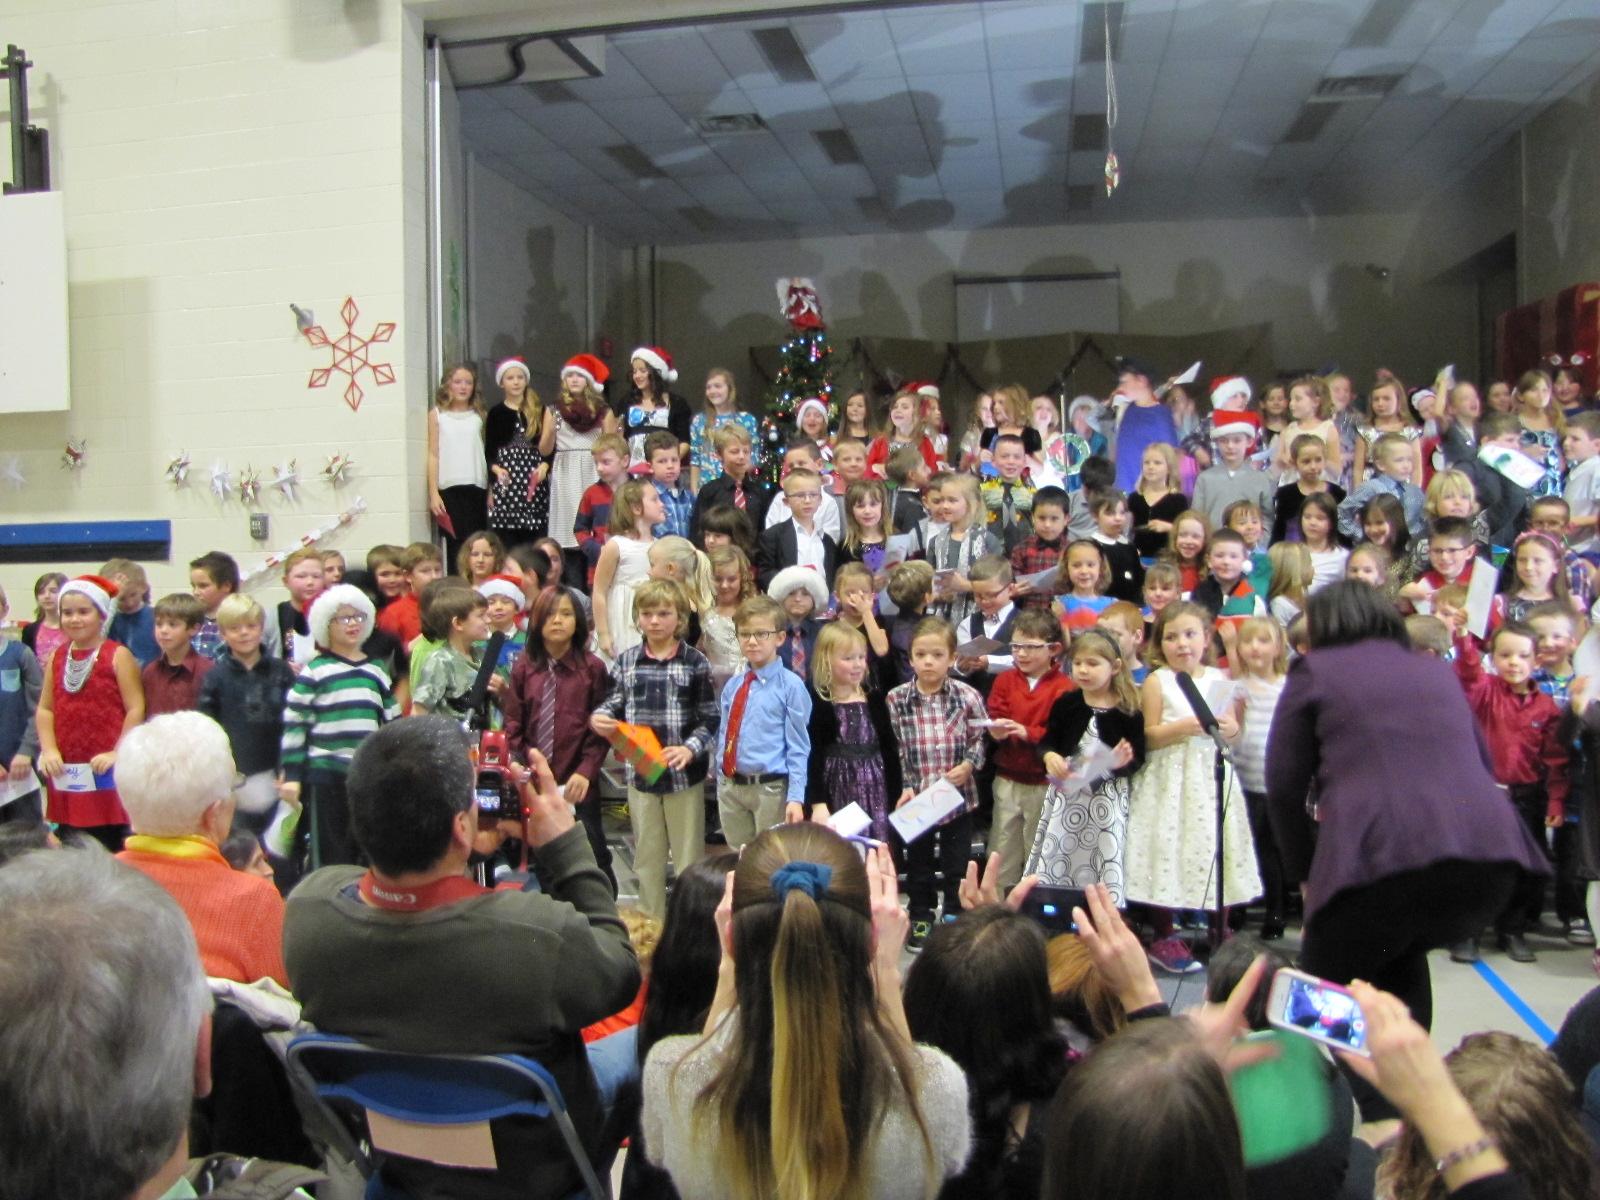 2014-12-17 TV School Christmas Concert 024